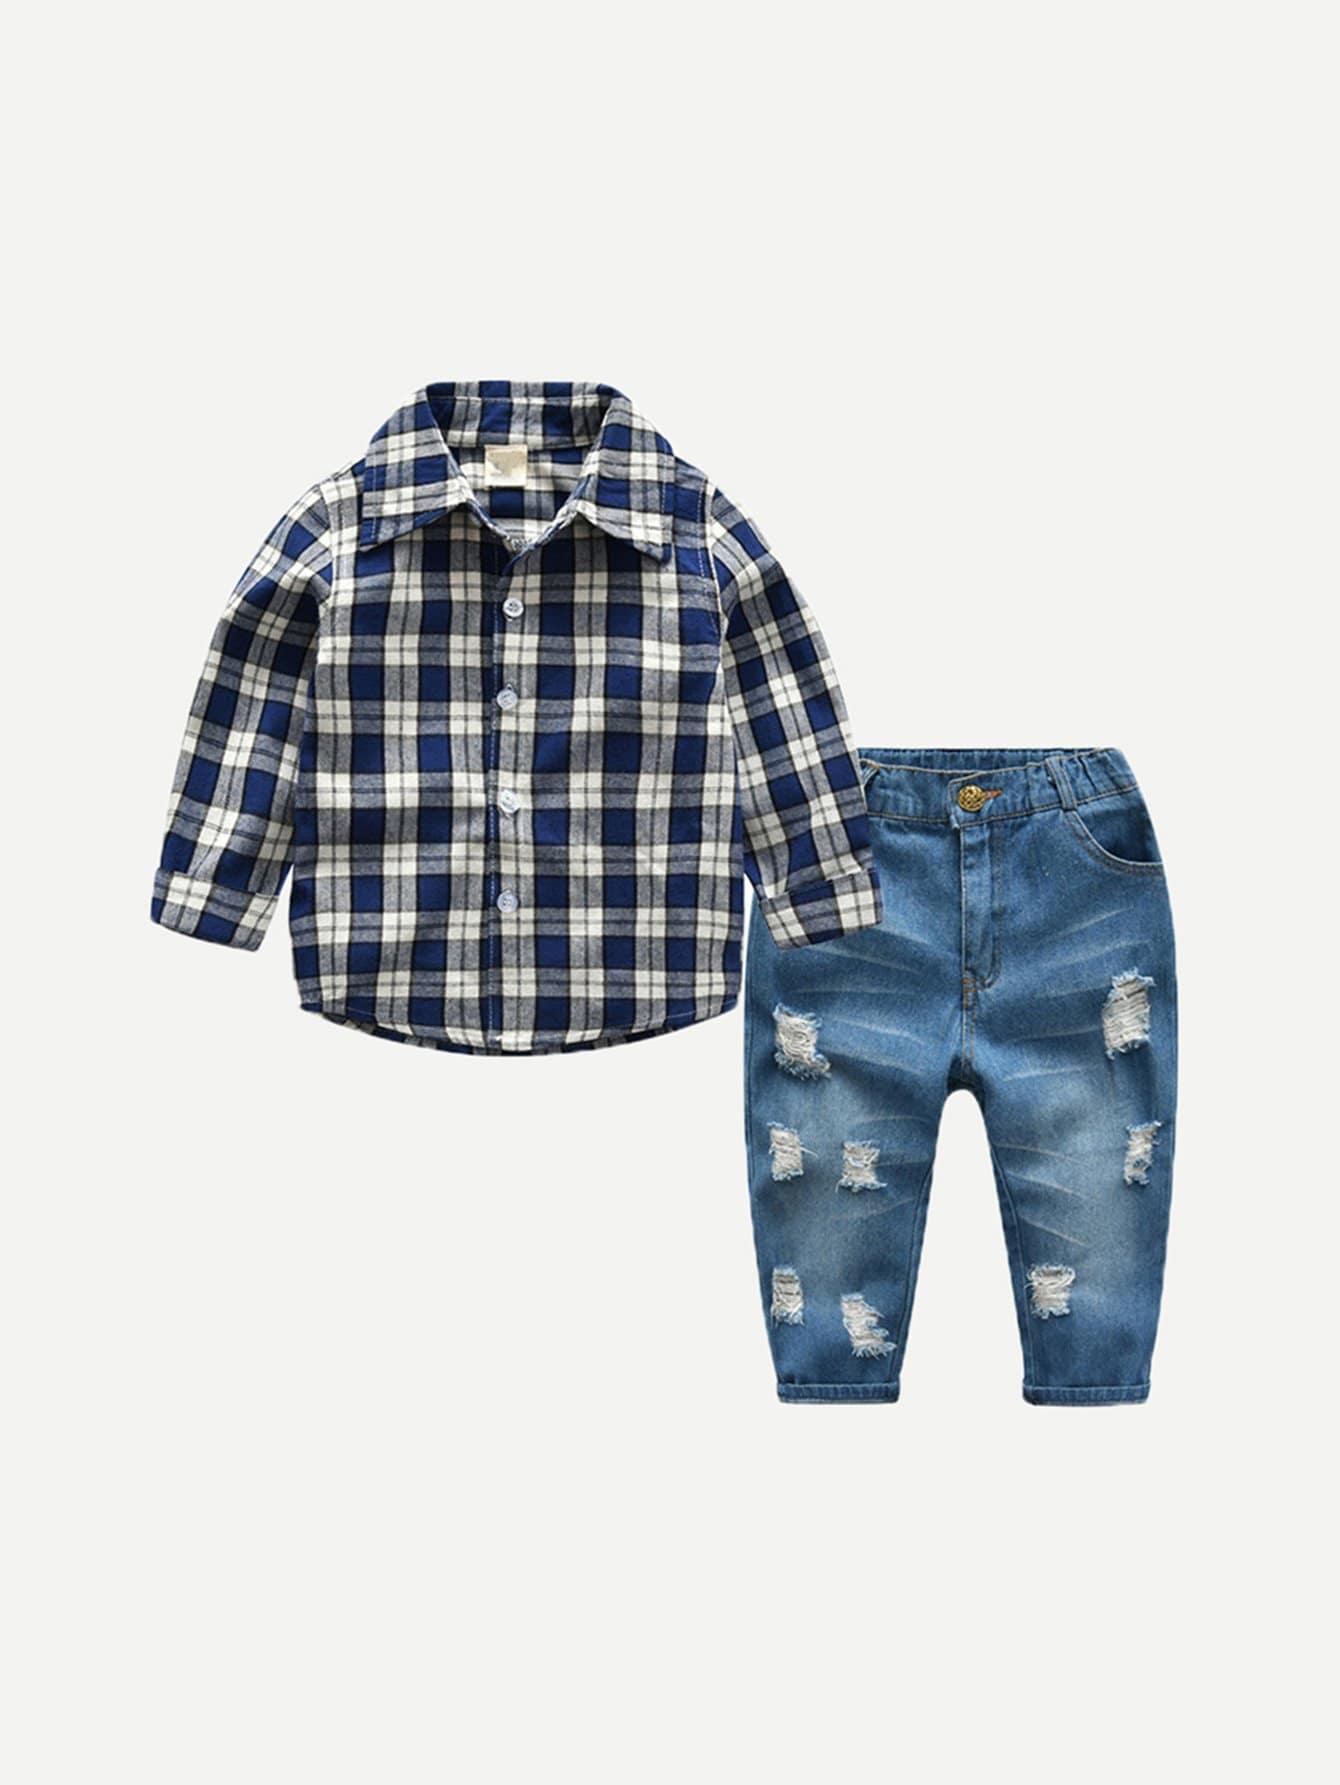 Купить Детская футболка с талией с джинсами, null, SheIn